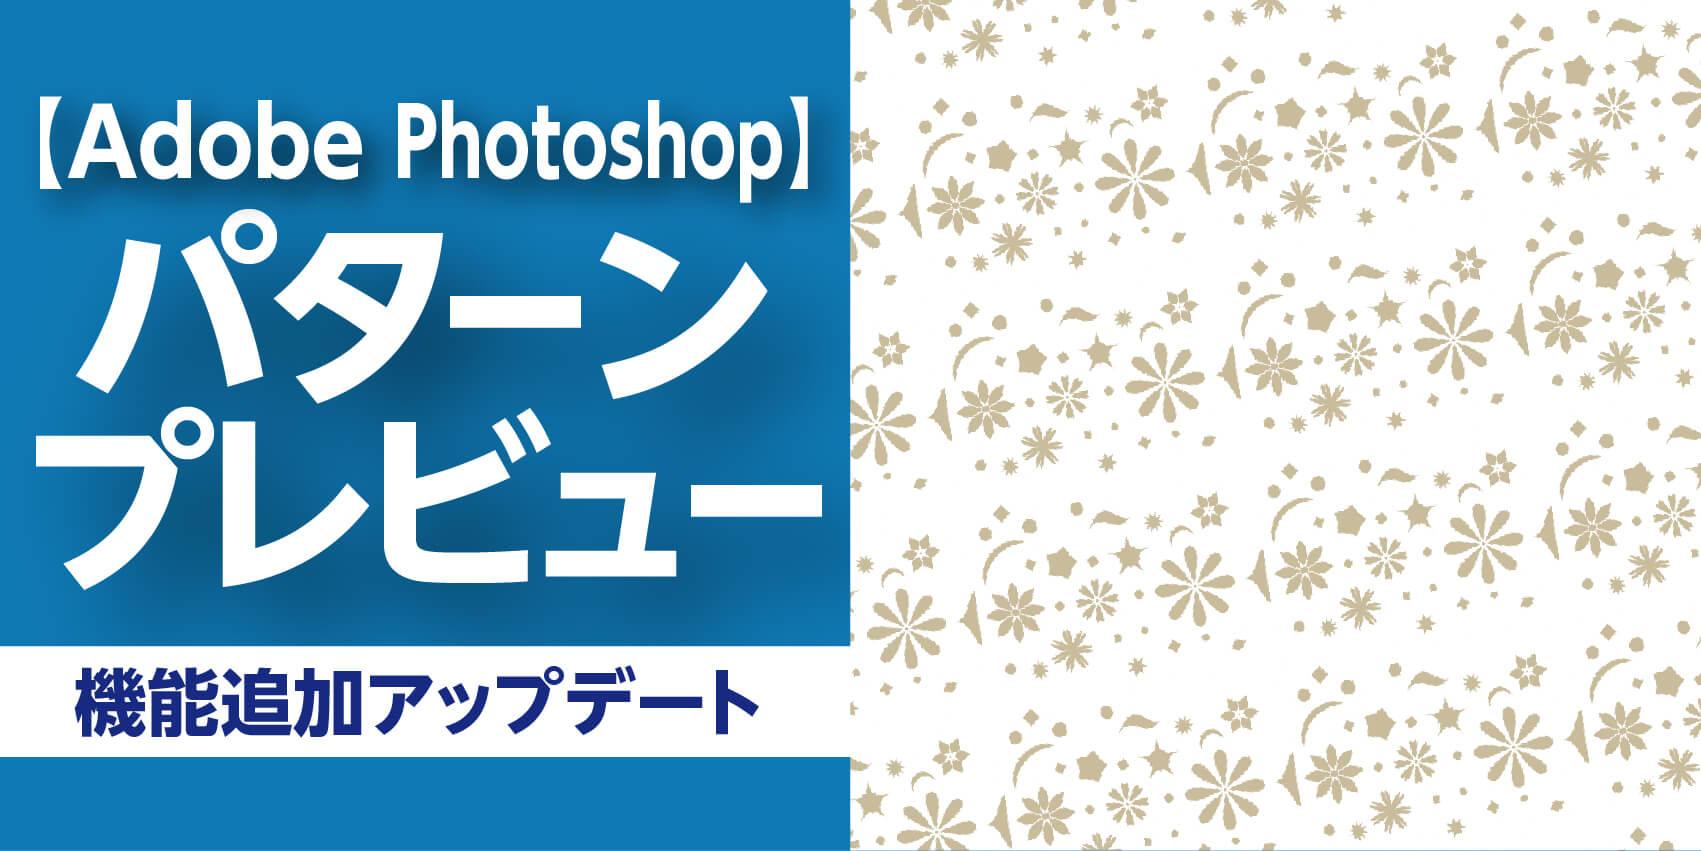 【Photoshop】新機能・パターンプレビュー